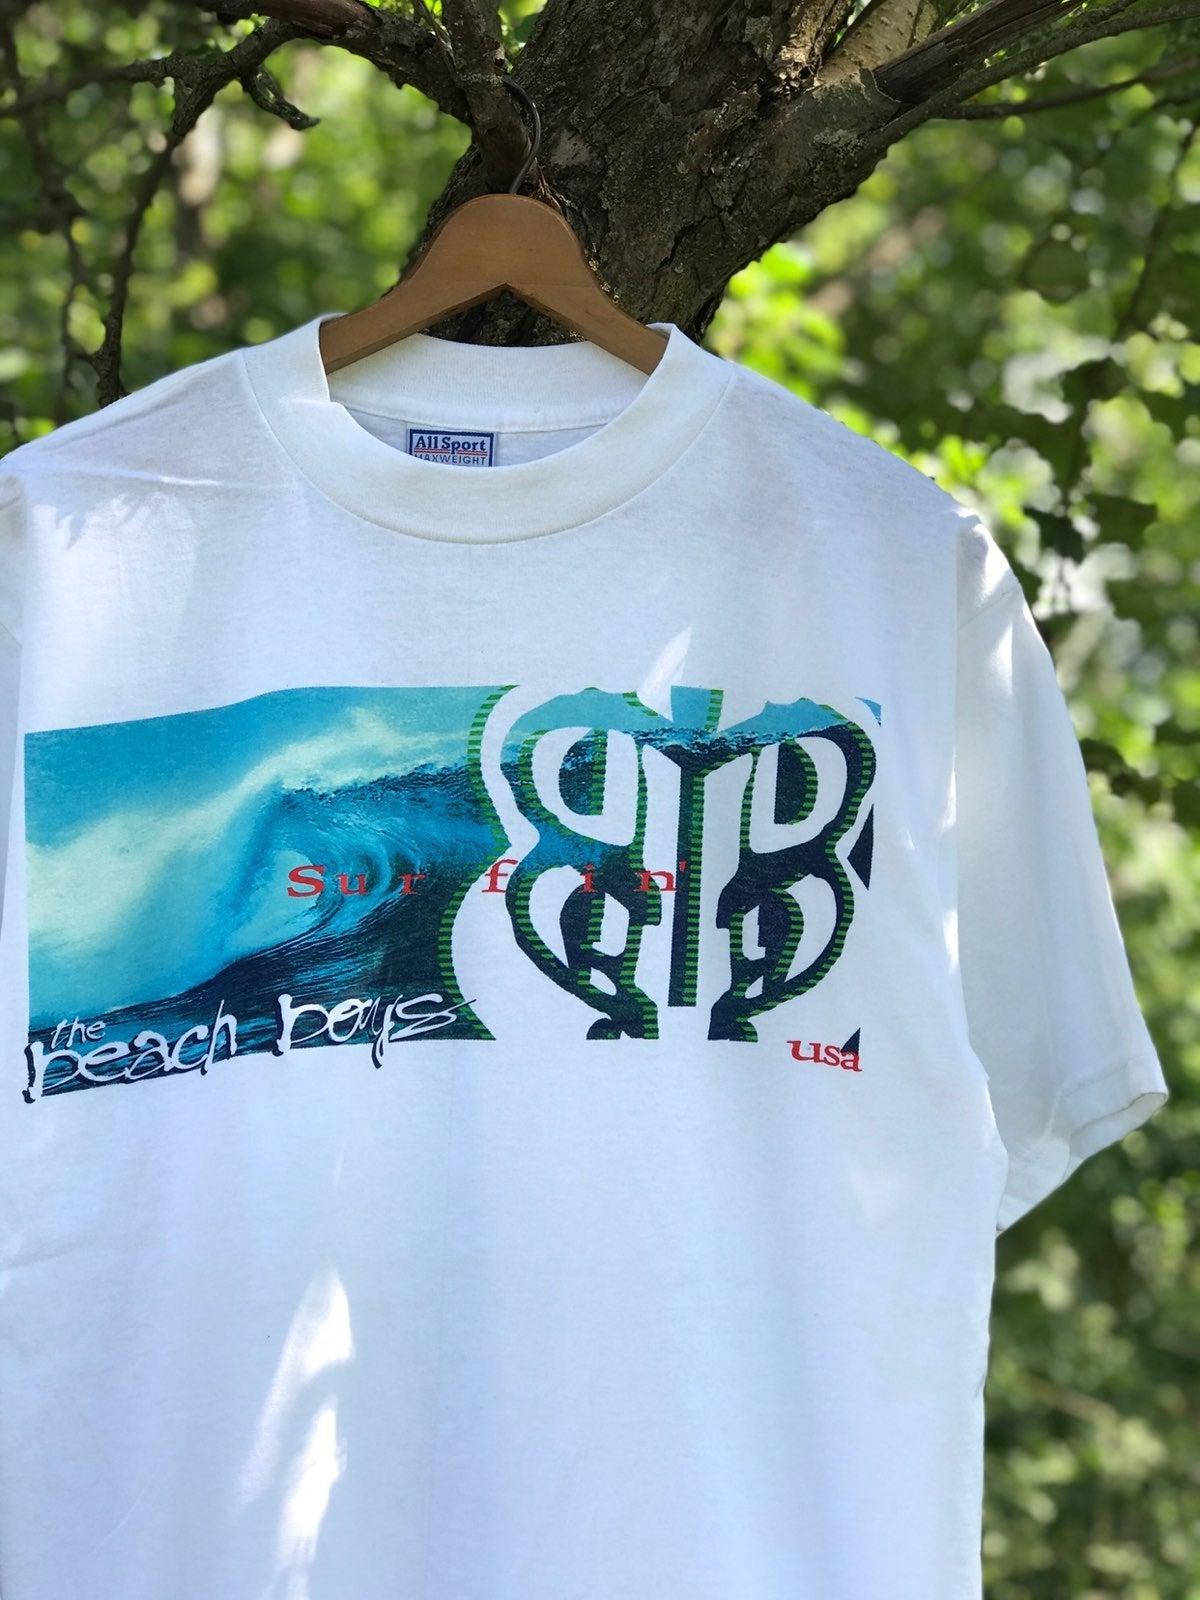 Vintage 90s Beach Boys Band Tee Shirt